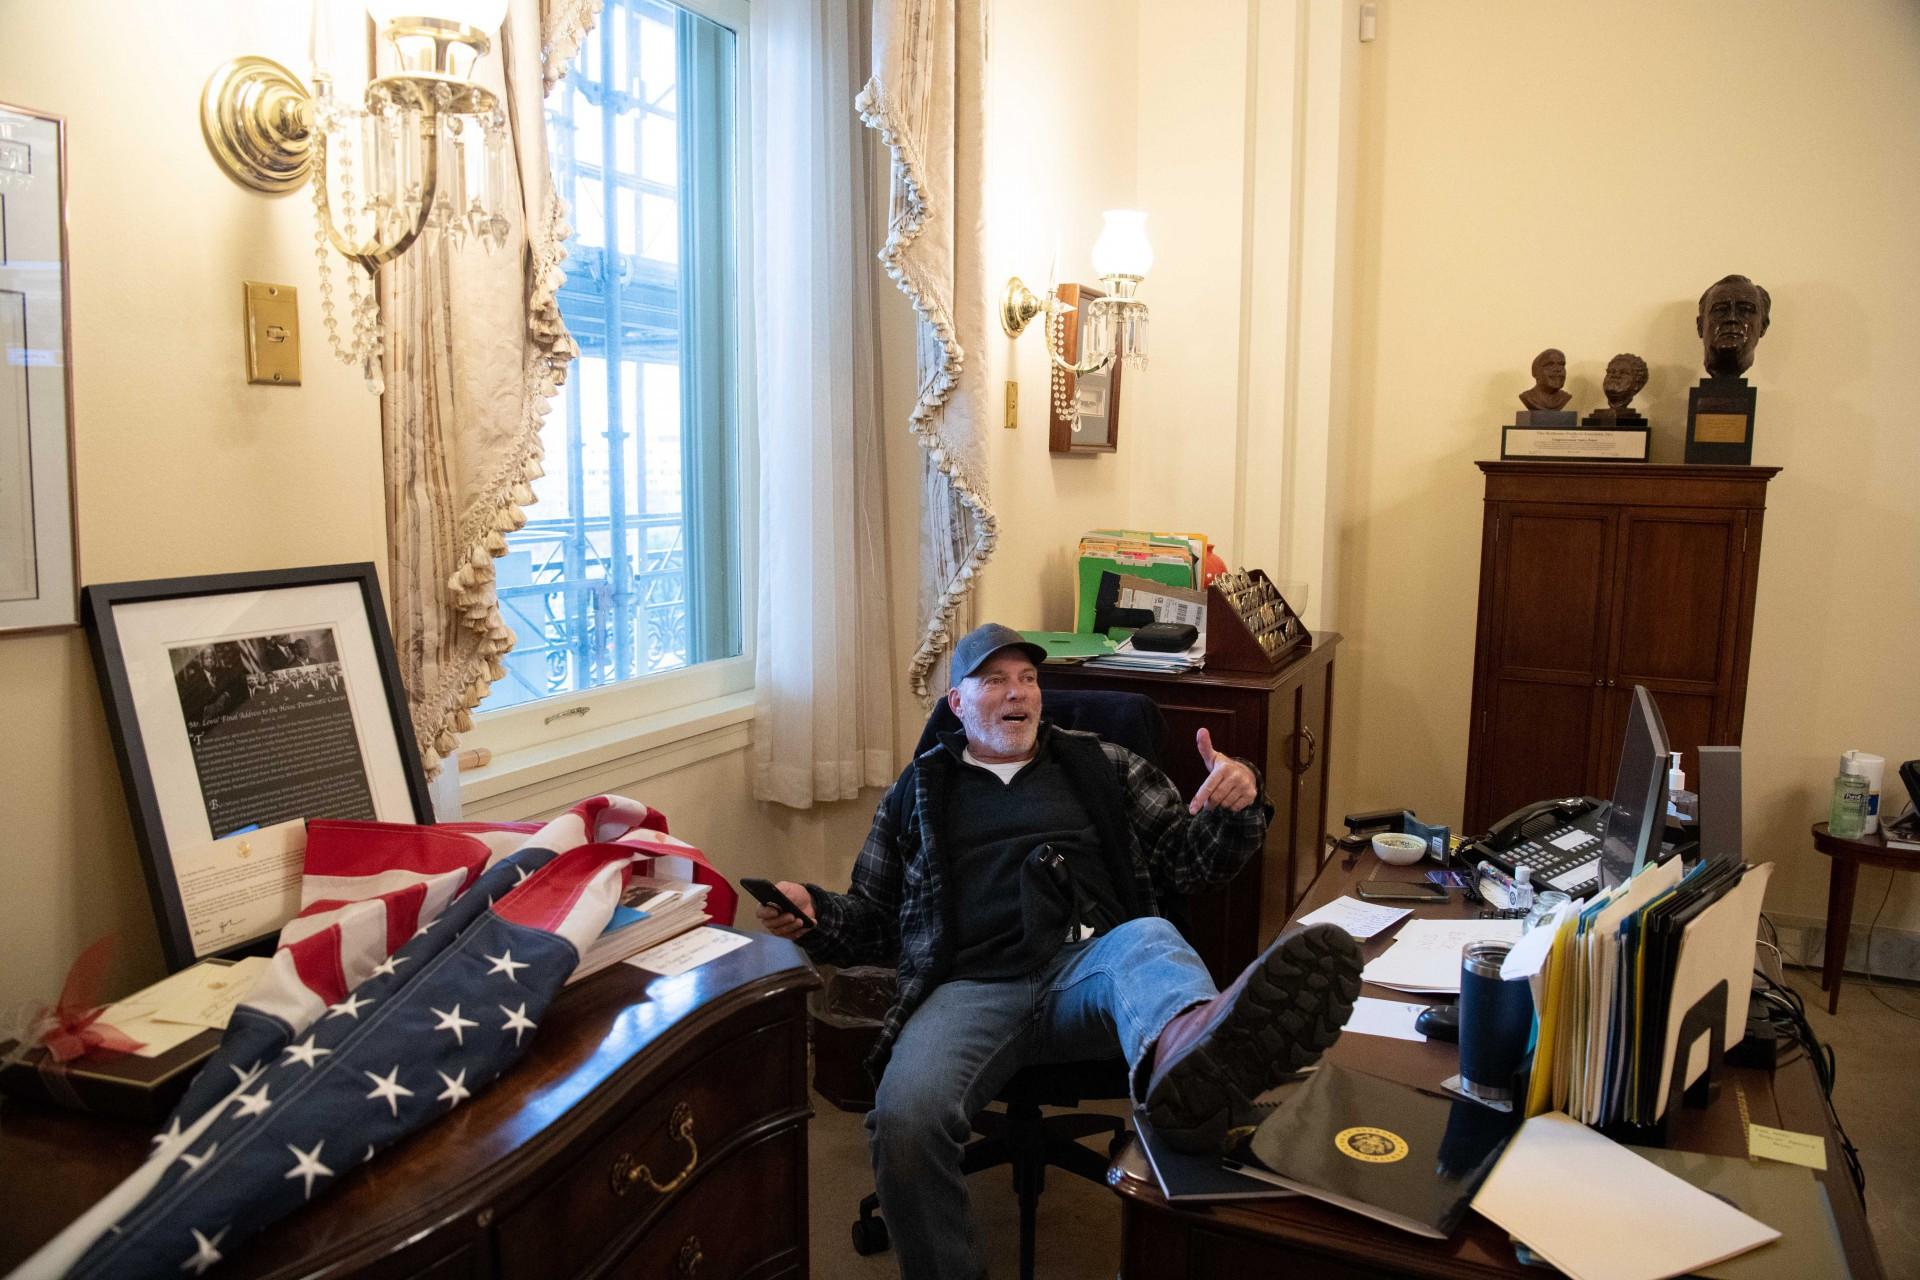 (Foto: SAUL LOEB / AFP)Um apoiador do presidente dos EUA, Donald Trump, está sentado no escritório da presidente da Câmara dos EUA, Nancy Pelosi, enquanto ele protesta dentro do Capitólio dos EUA em Washington, DC, 6 de janeiro de 2021. - Manifestantes violaram a segurança e entraram no Capitólio enquanto o Congresso debatia o a 2020 Certificação de Voto Eleitoral da eleição presidencial. (Foto de SAUL LOEB / AFP)